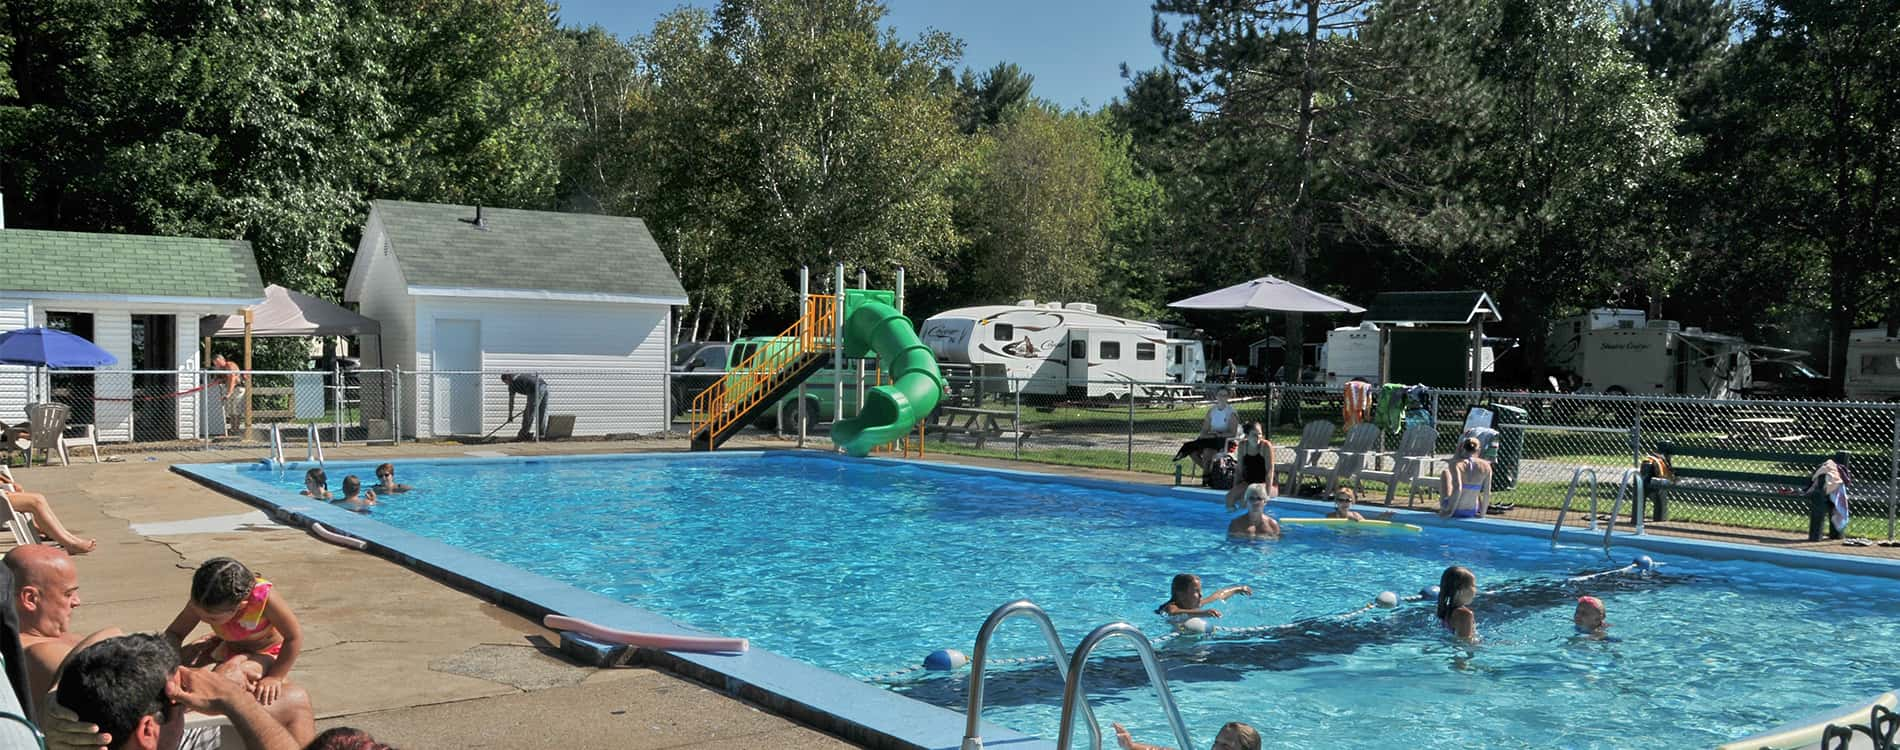 Quoi faire au Camping Lac-Saint-Michel, activités extérieures et intérieures pour tous